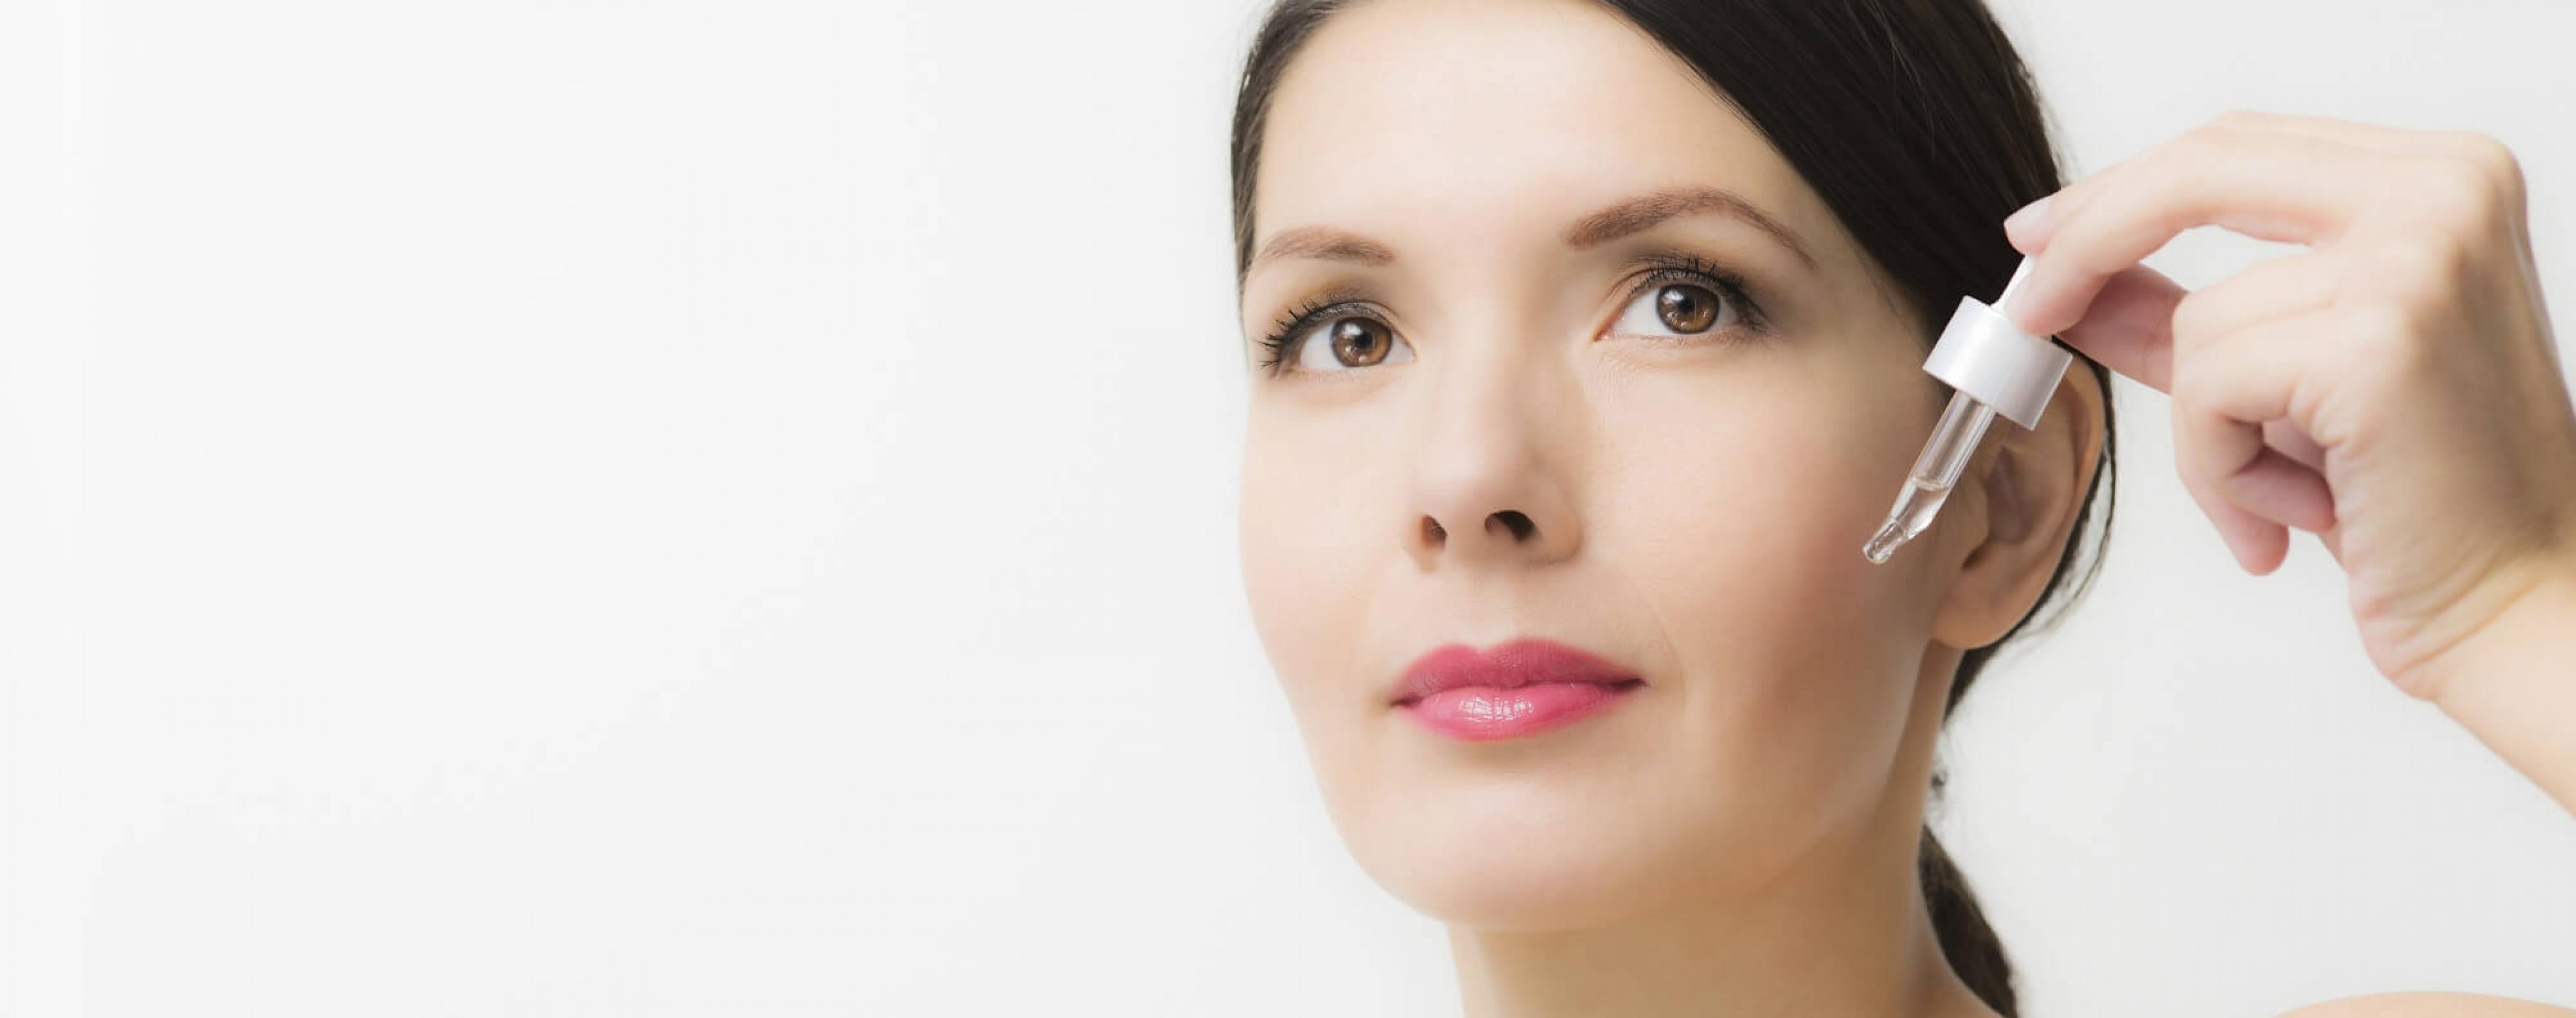 Сыворотки для лица: зачем нужны и как пользоваться?